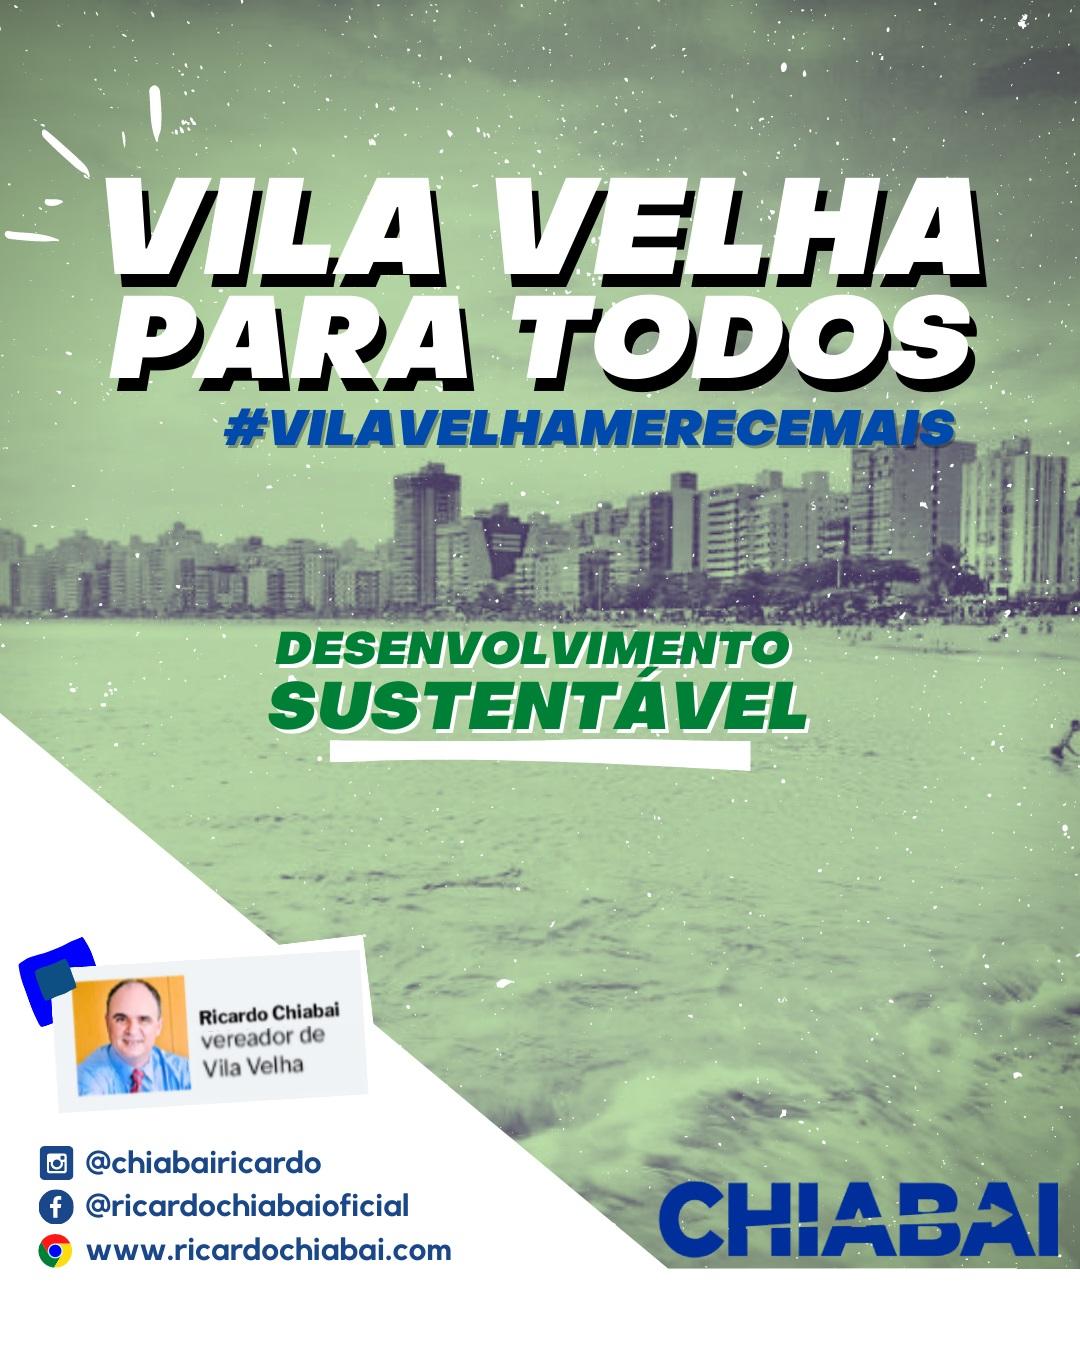 Vila Velha para todos: Desenvolvimento Sustentável